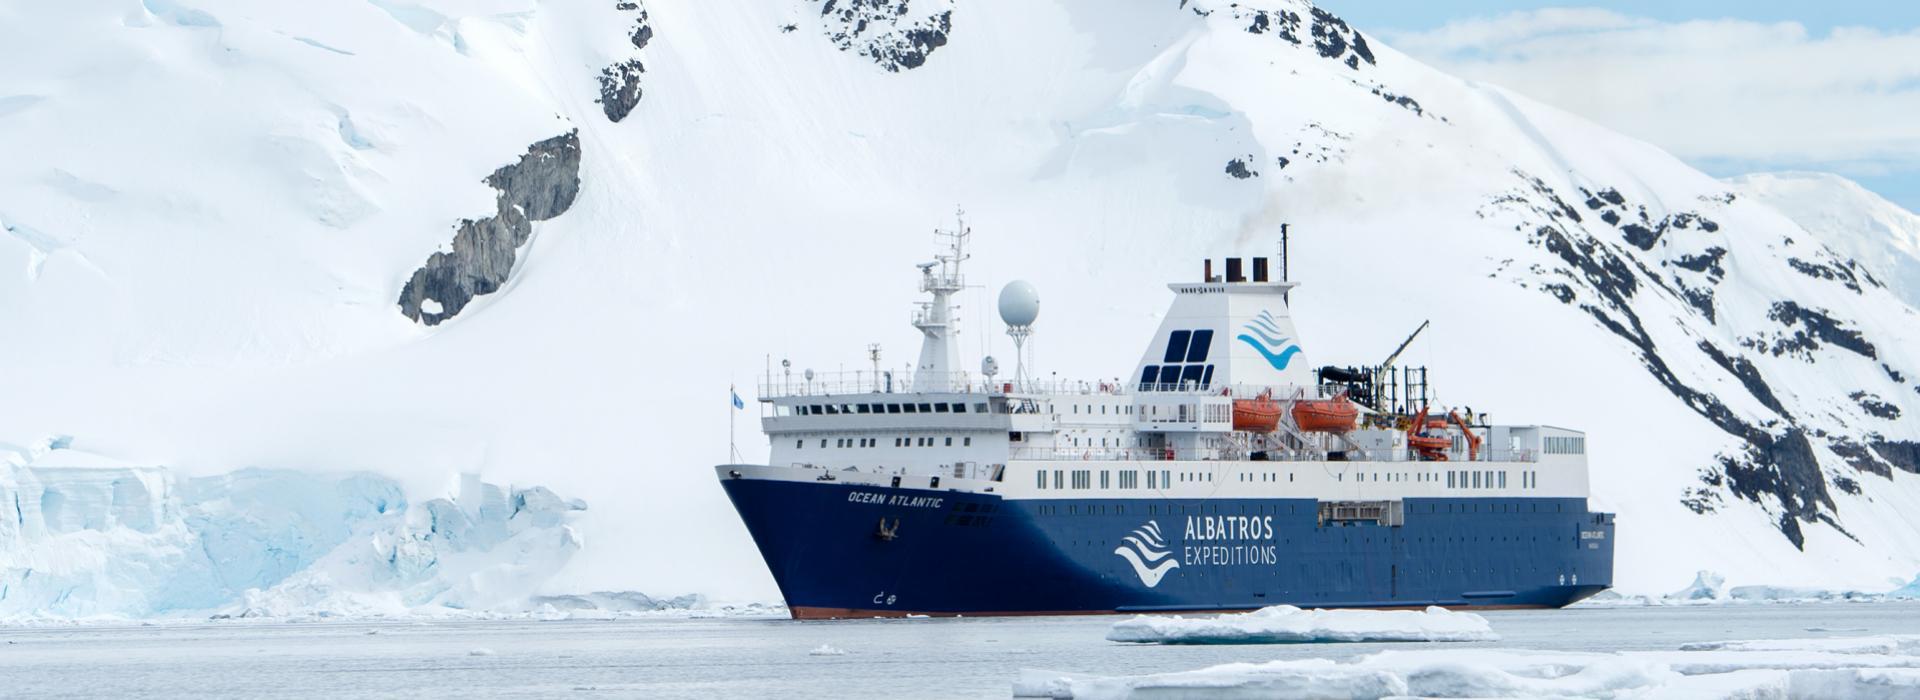 Albatros expedition